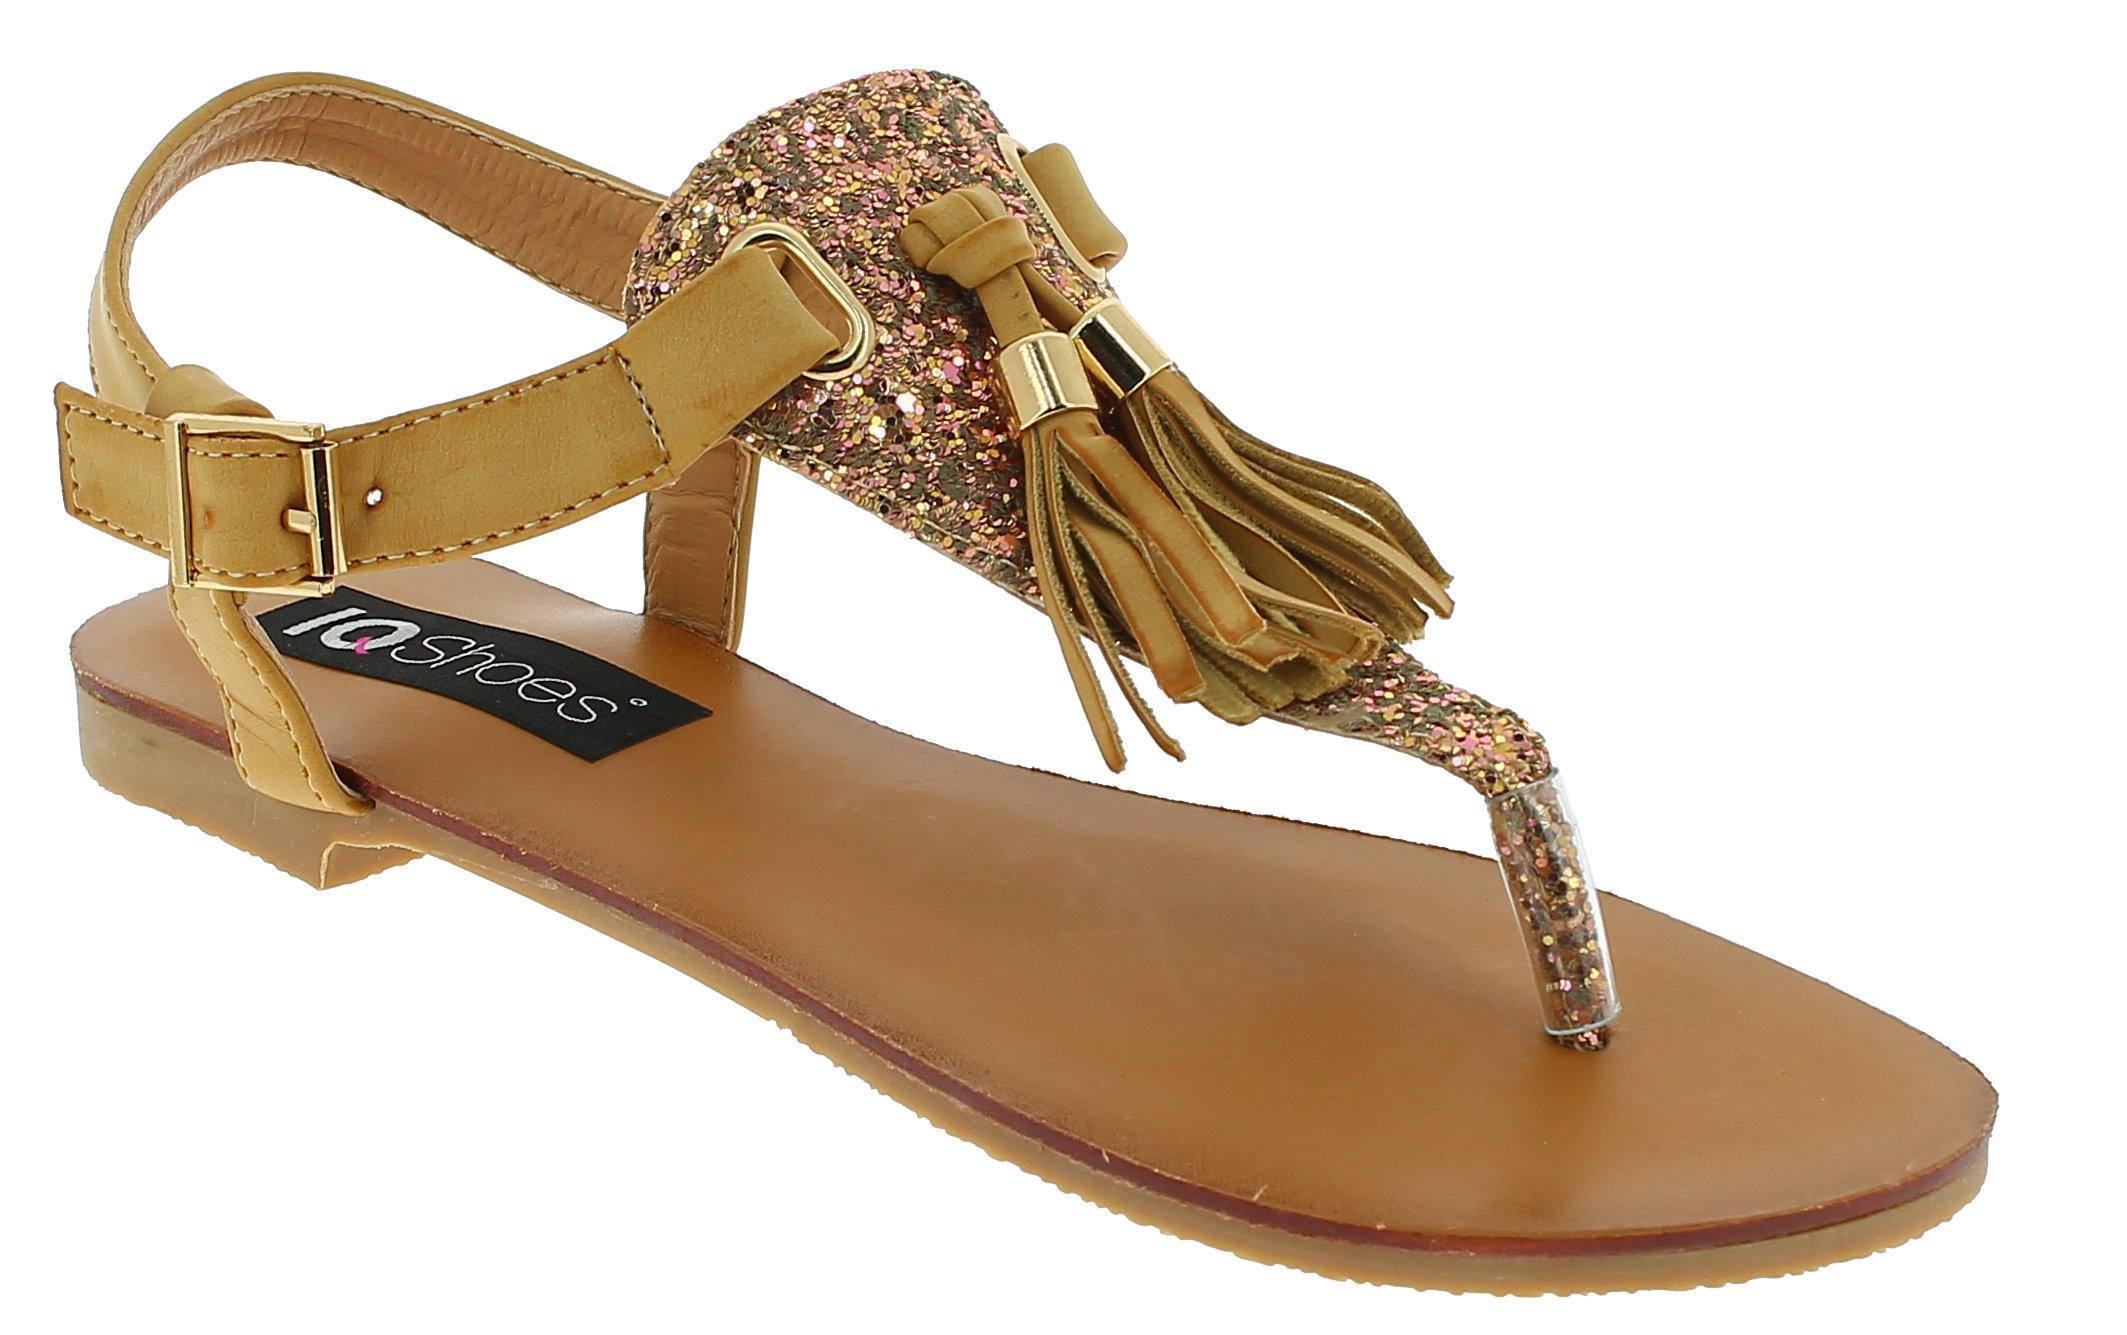 Πέδιλο Γυναικείο MY6711 Κάμελ - IqShoes - 18.MY6711 CAMEL-39/1/25/25 παπούτσια  προσφορεσ